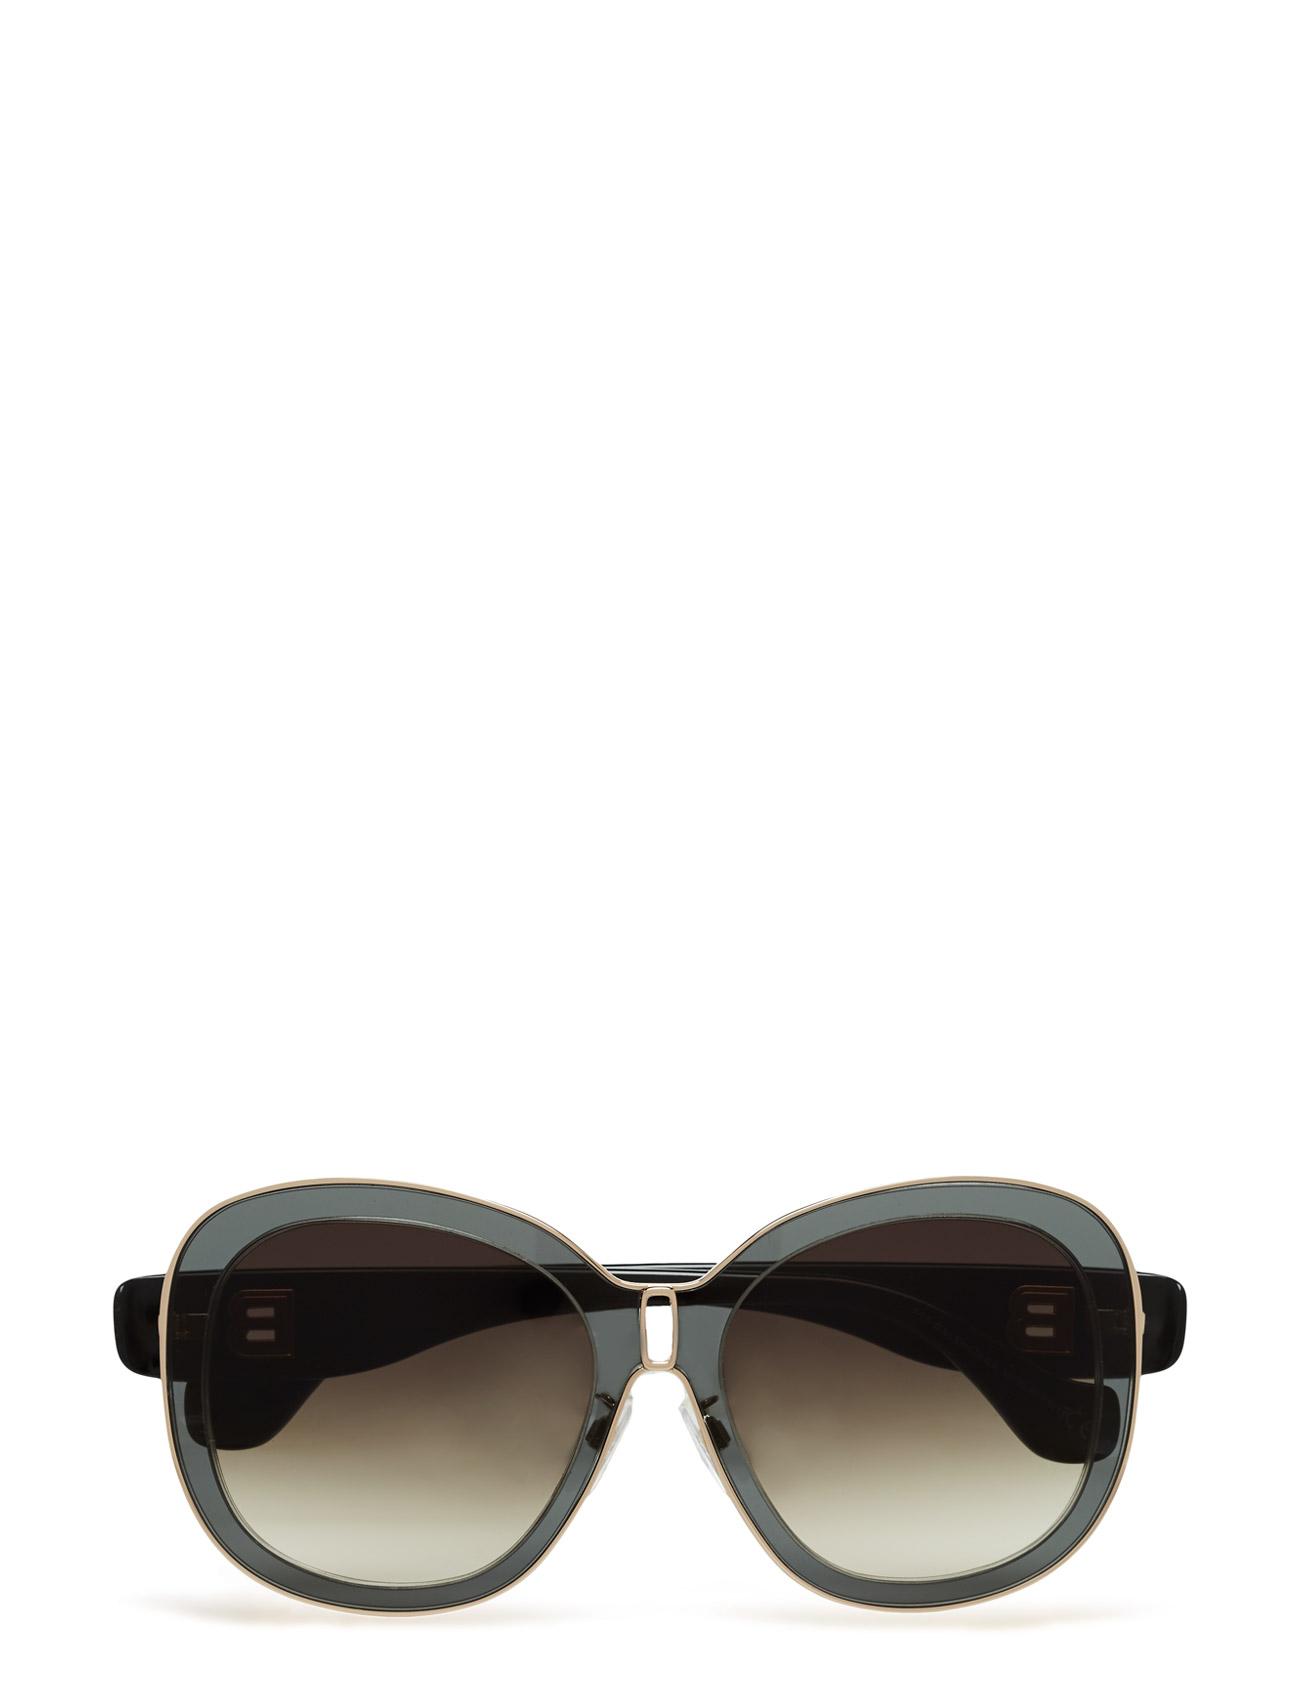 balenciaga sunglasses – Ba0003 på boozt.com dk